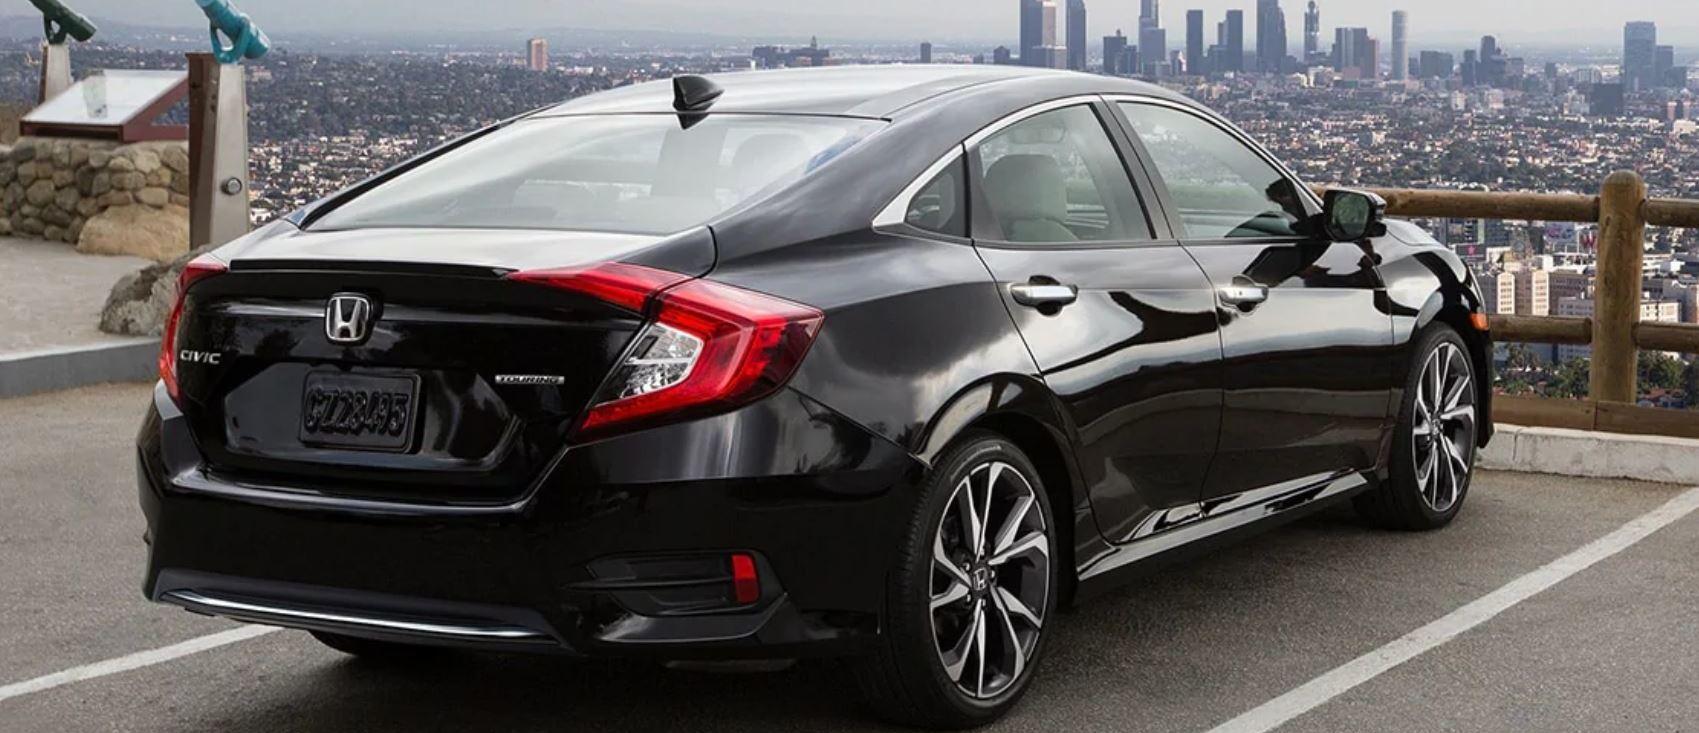 2020 Honda Civic for Sale near Humble, TX